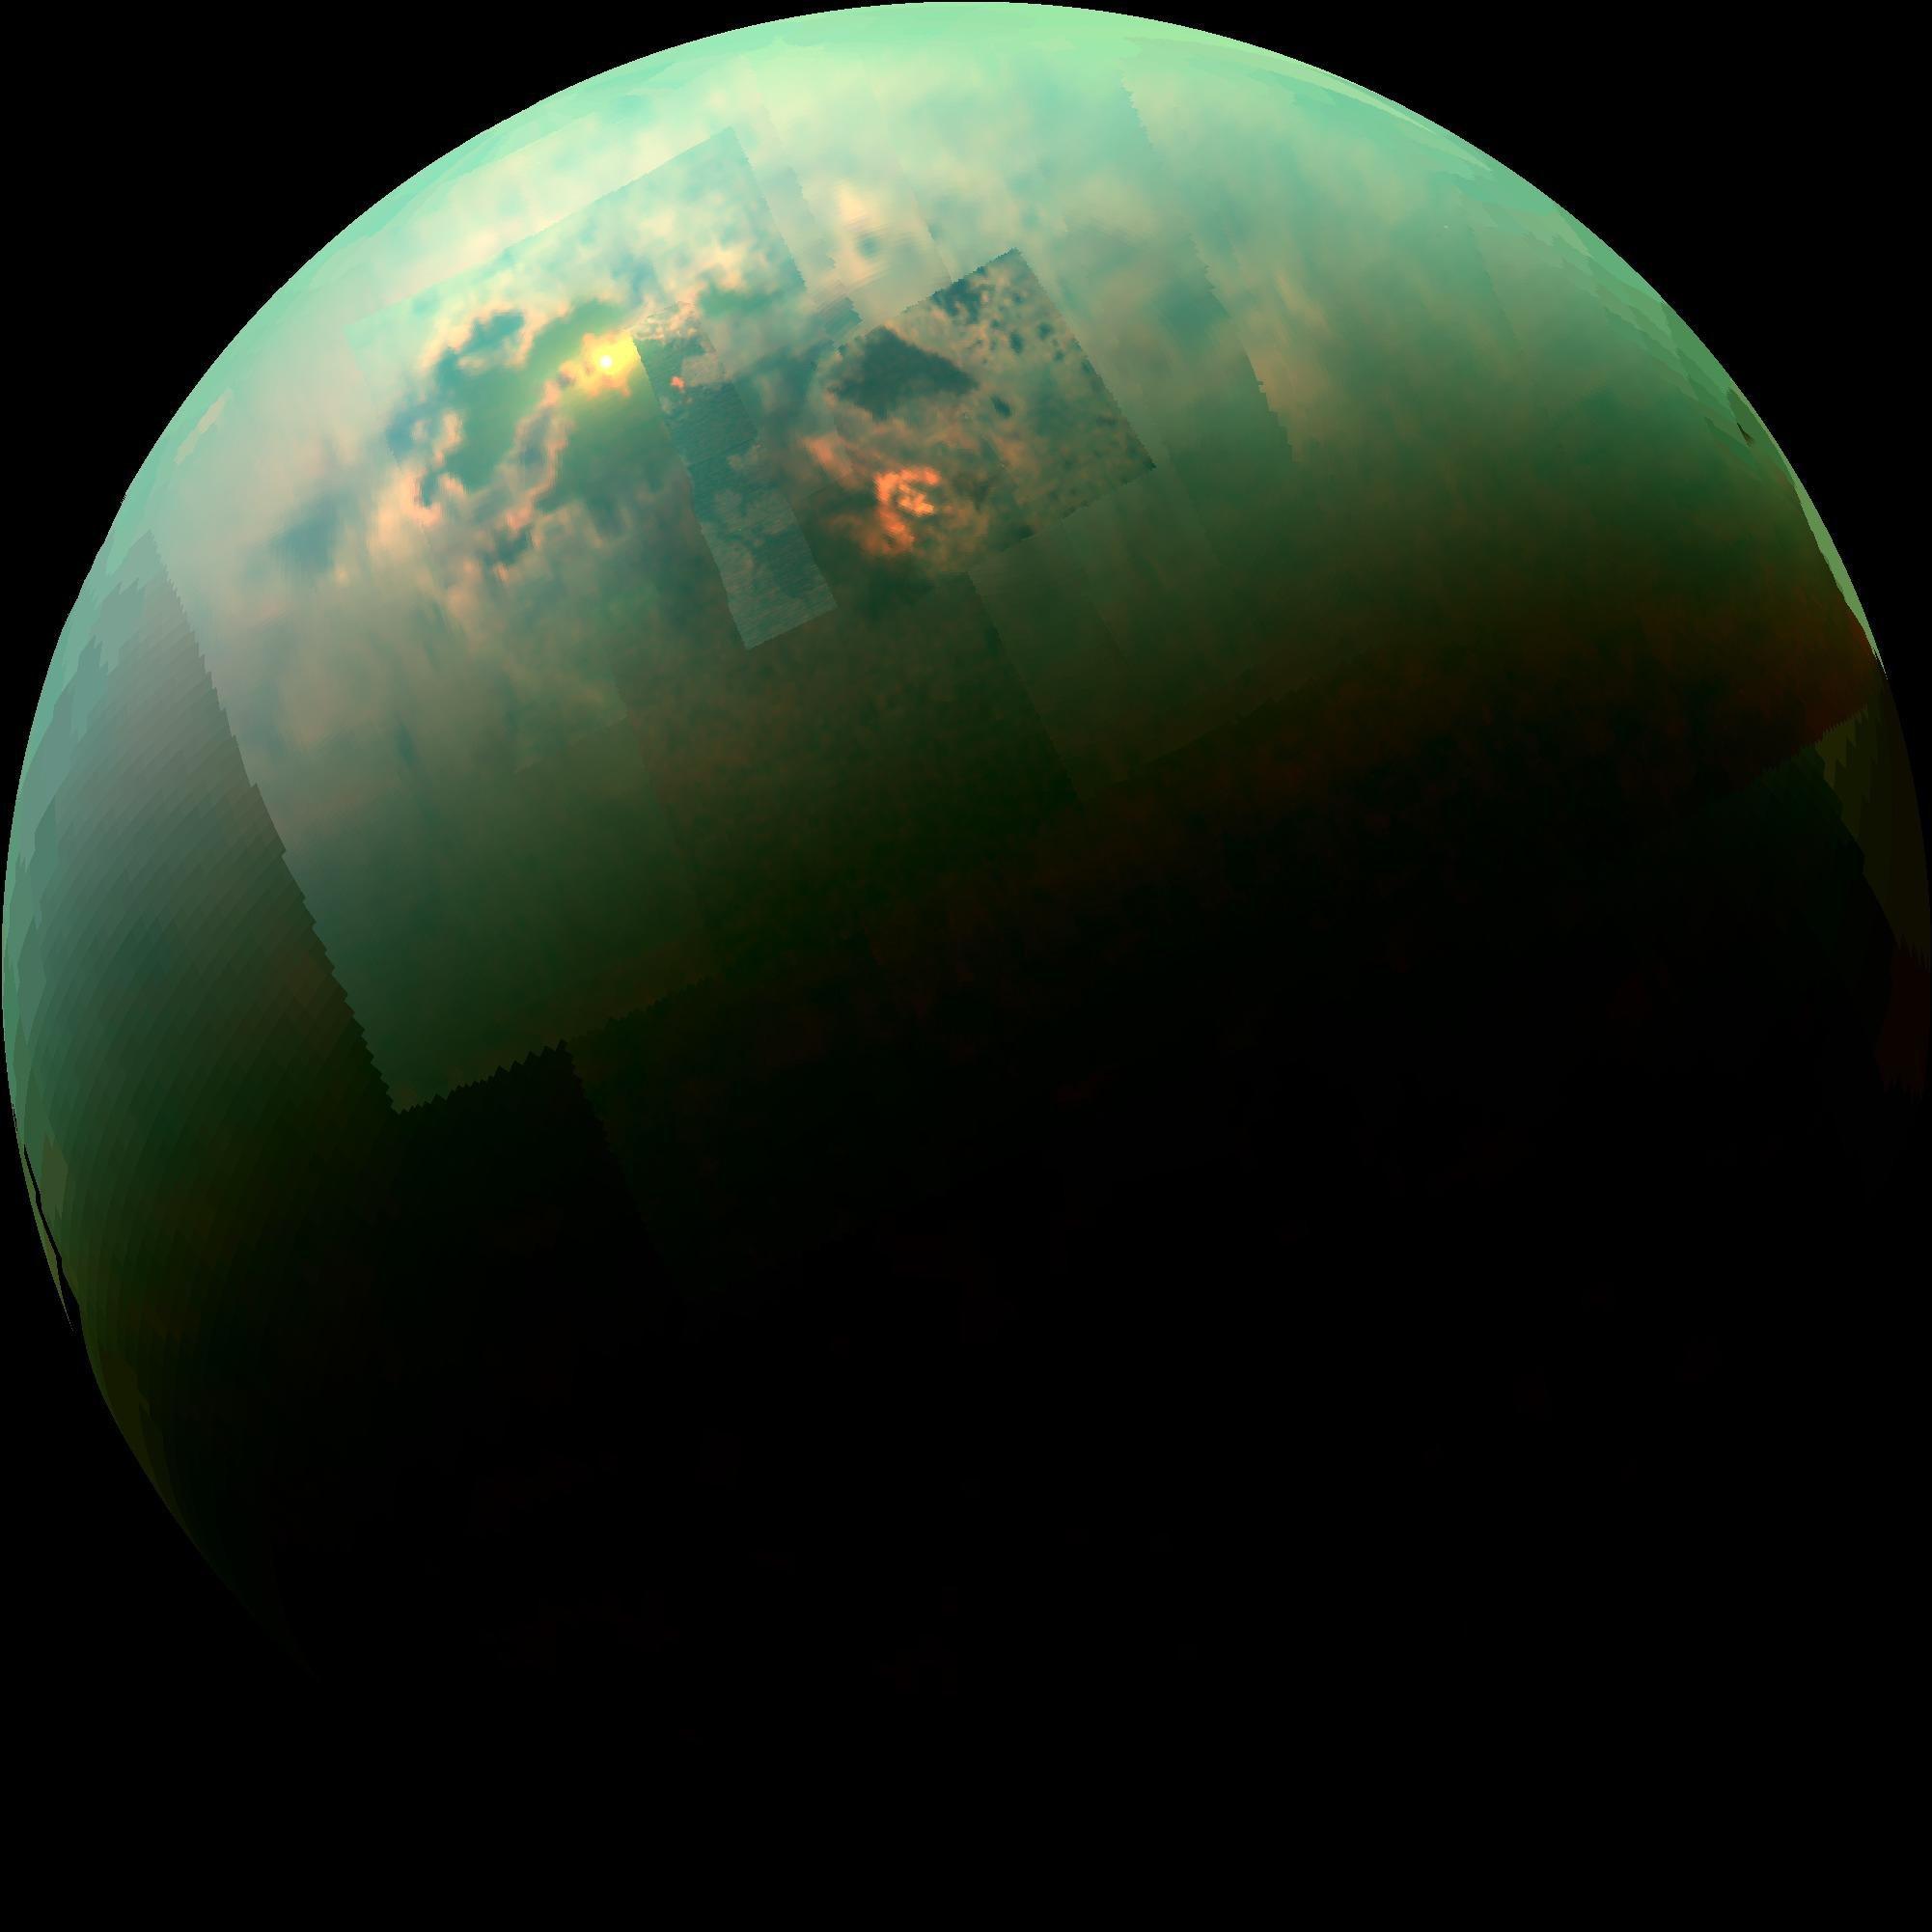 новые планеты destiny 2 титан ио спутники космос отвратительные мужики disgusting men